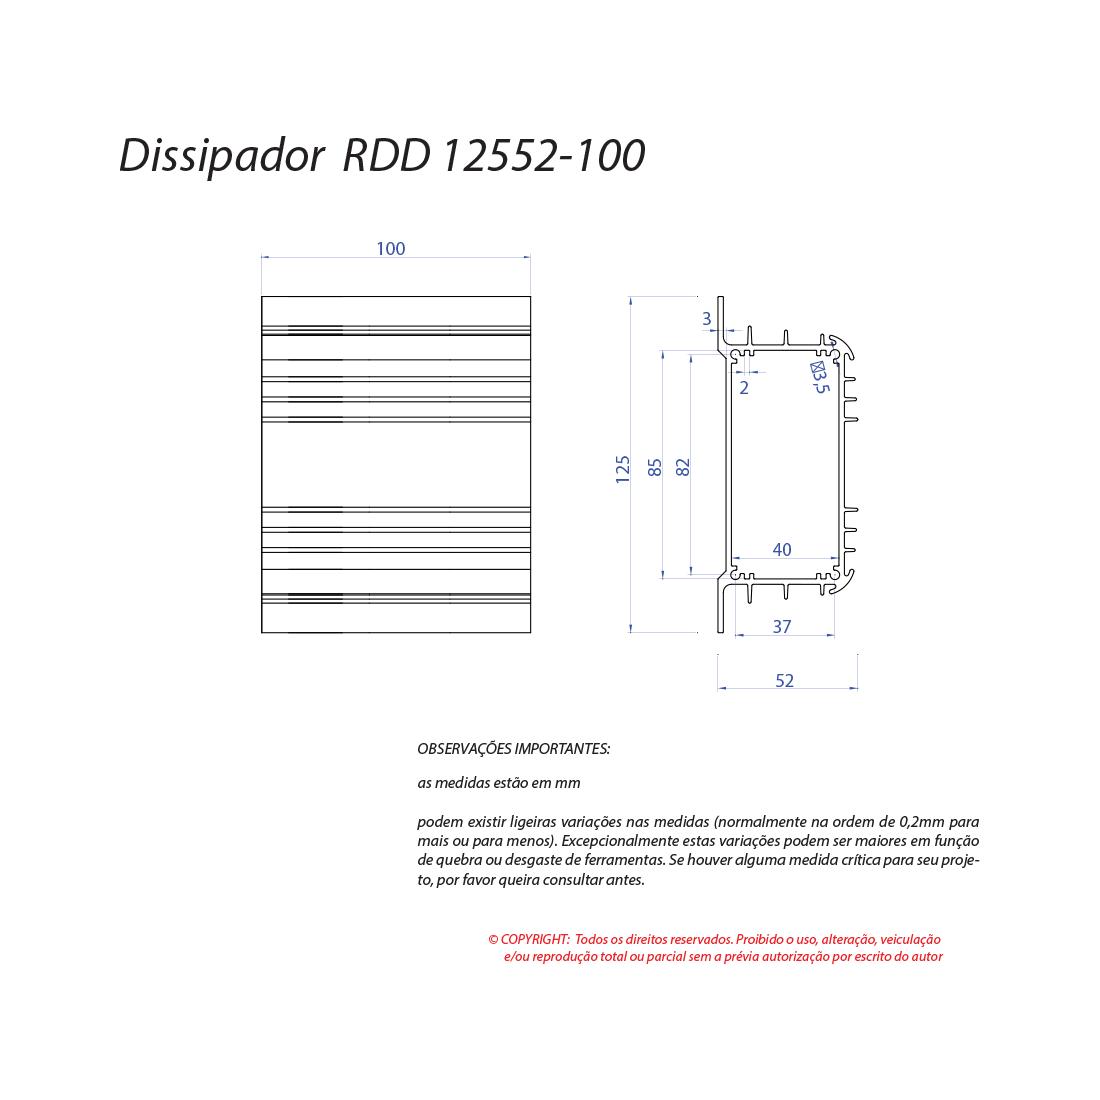 Dissipador de calor RDD 12552-100